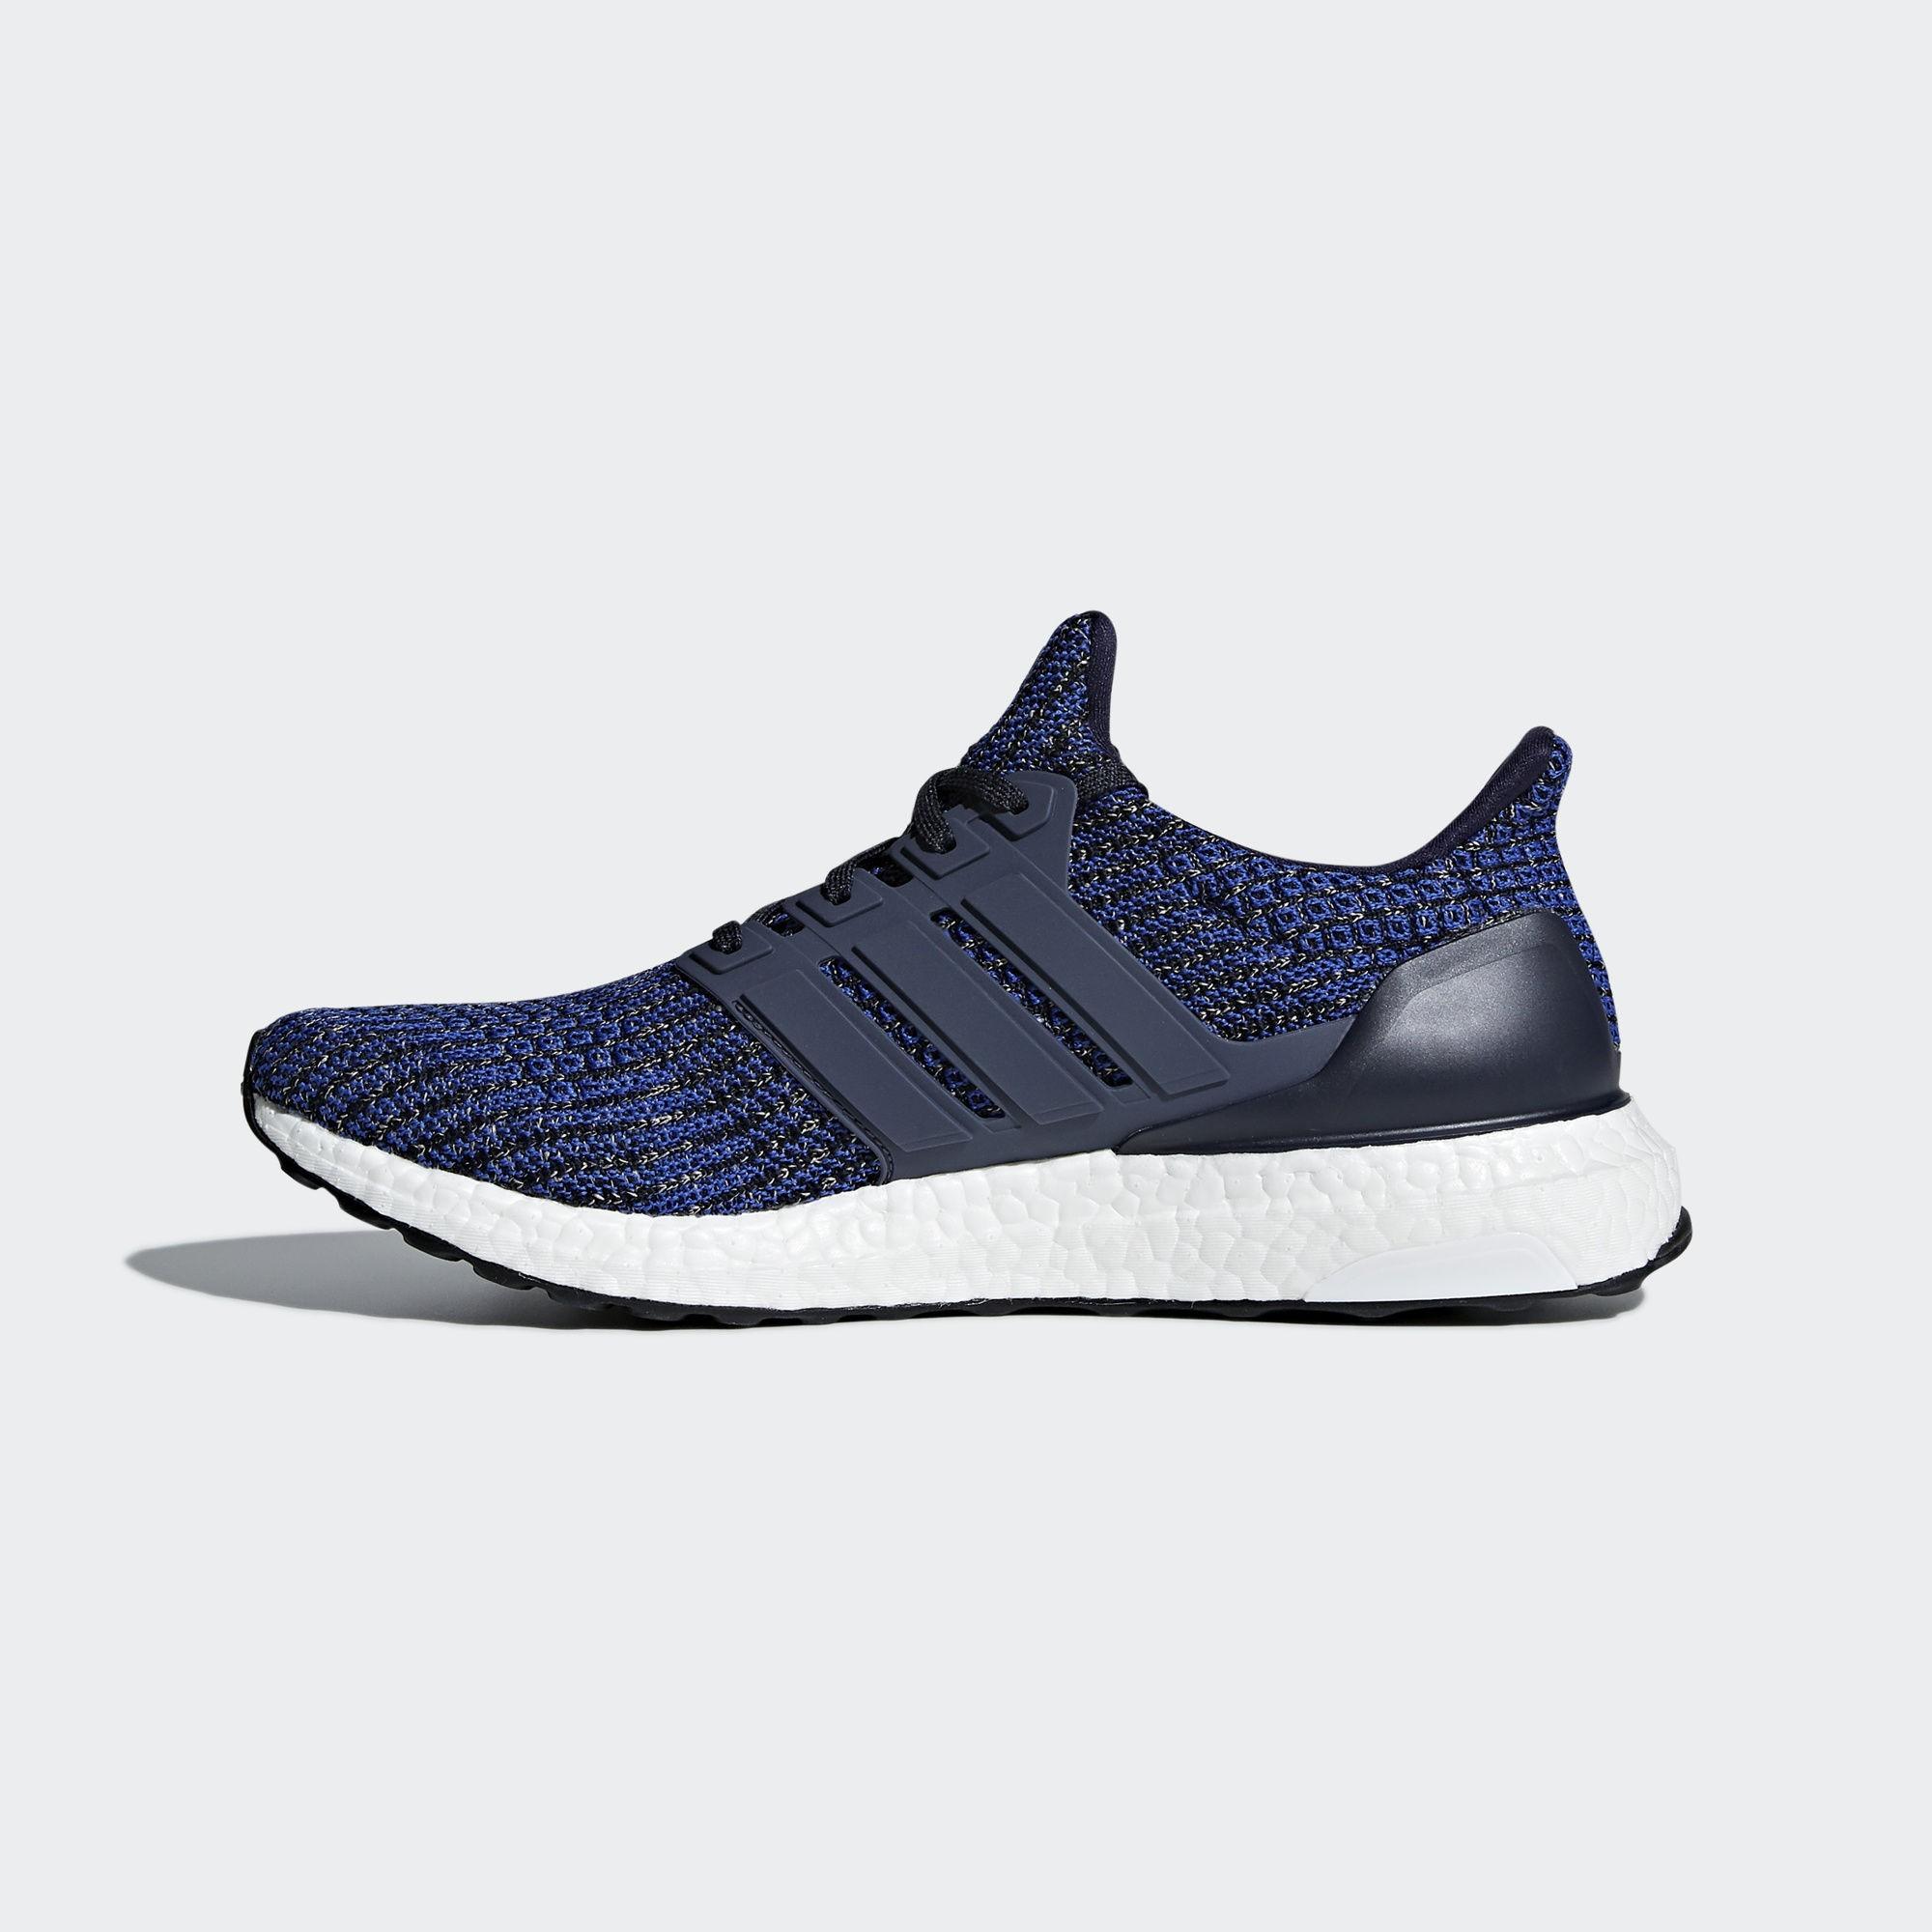 Adidas Ultra Boost 4.0 Hombre Corriendo Zapatilla Azules CP9250